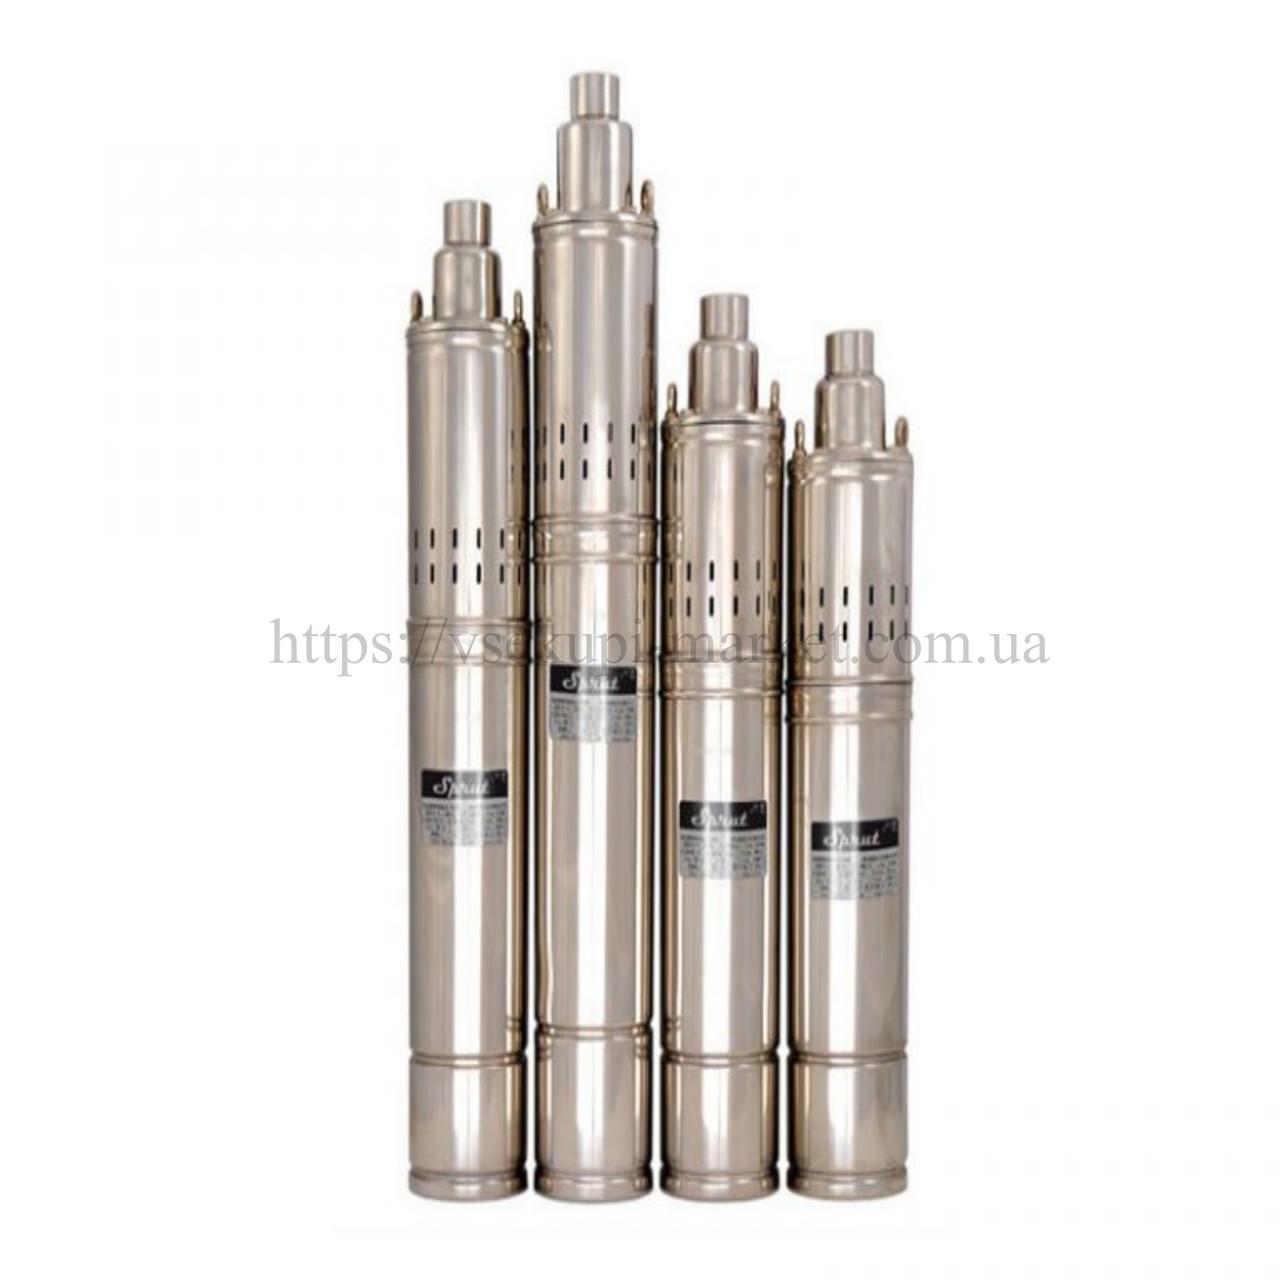 Скважинный насос SPRUT 4SQGD 1,2- 50-0.37